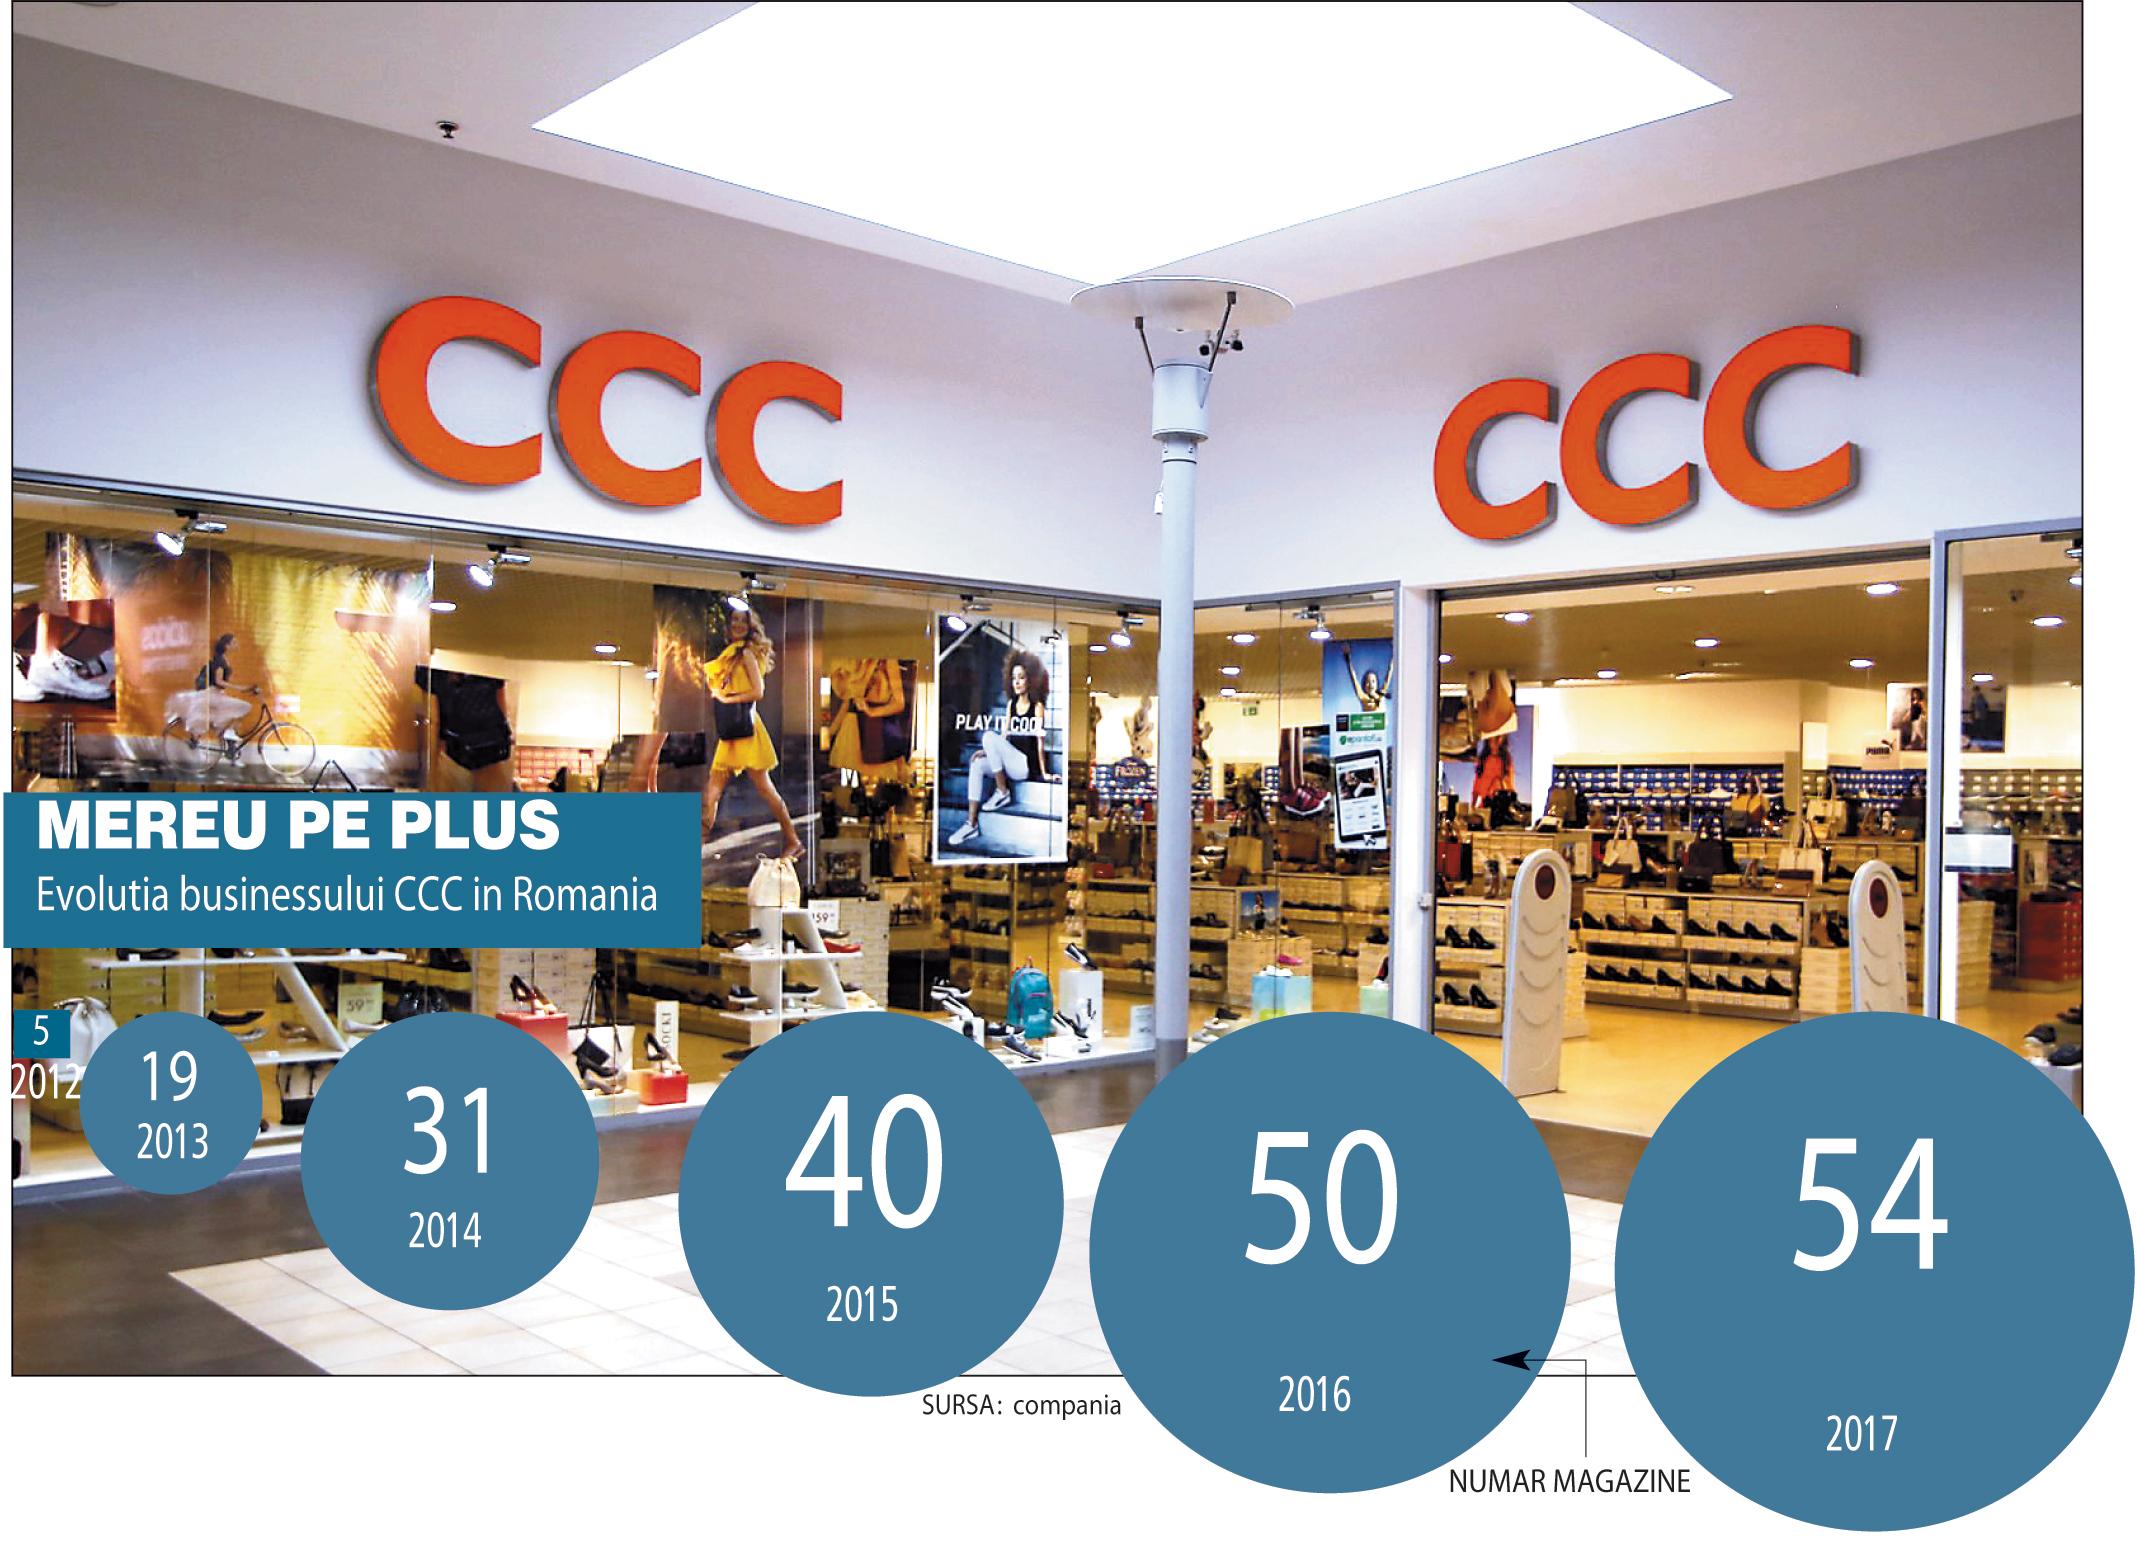 Grafic: Evoluţia businessului CCC în România (2012-2017)